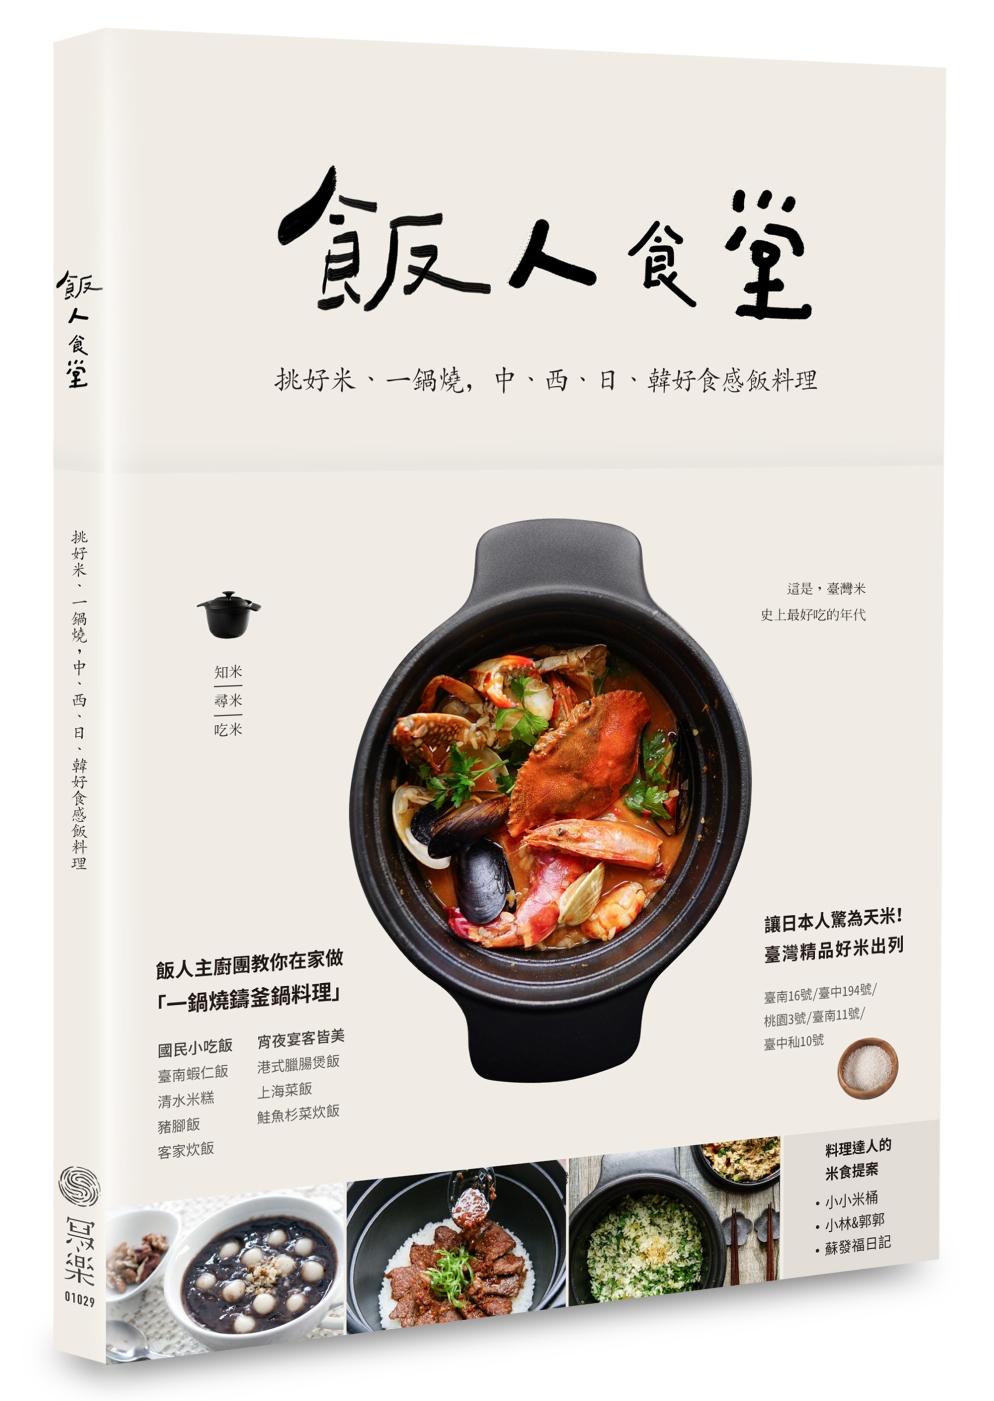 ◤博客來BOOKS◢ 暢銷書榜《推薦》飯人食堂:挑好米、一鍋燒,中西日韓好食感飯料理